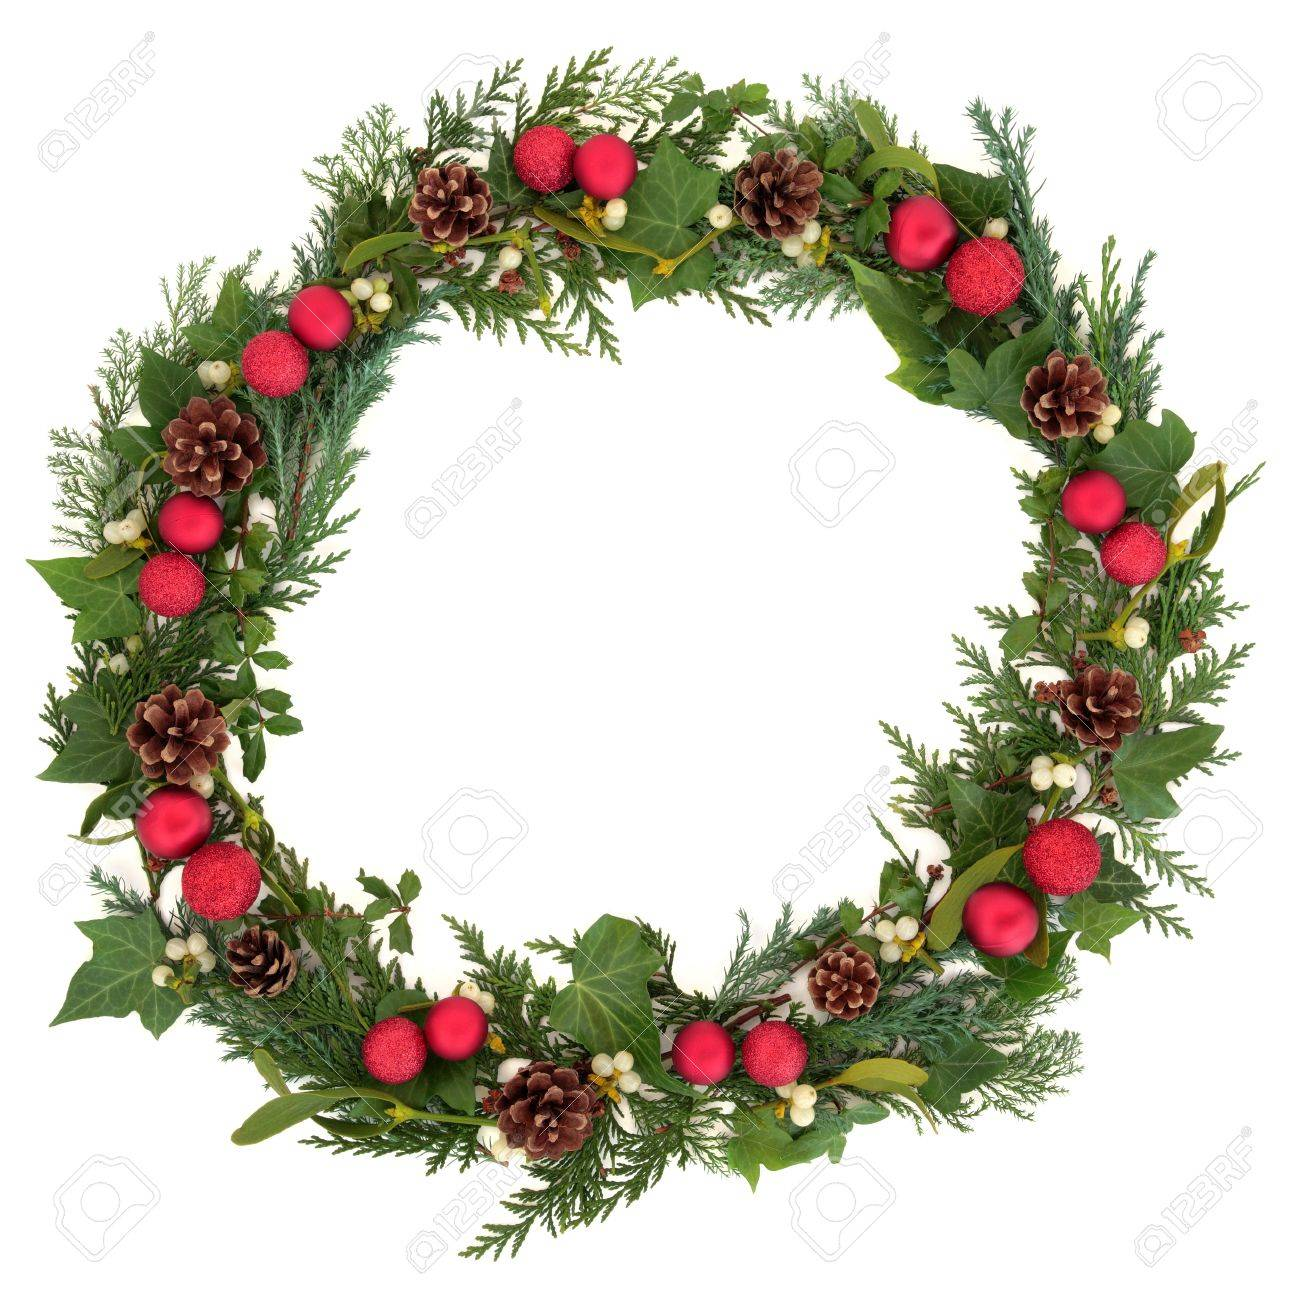 Corona De Navidad Con Adornos De Color Rojo, El Acebo, El Muérdago ...